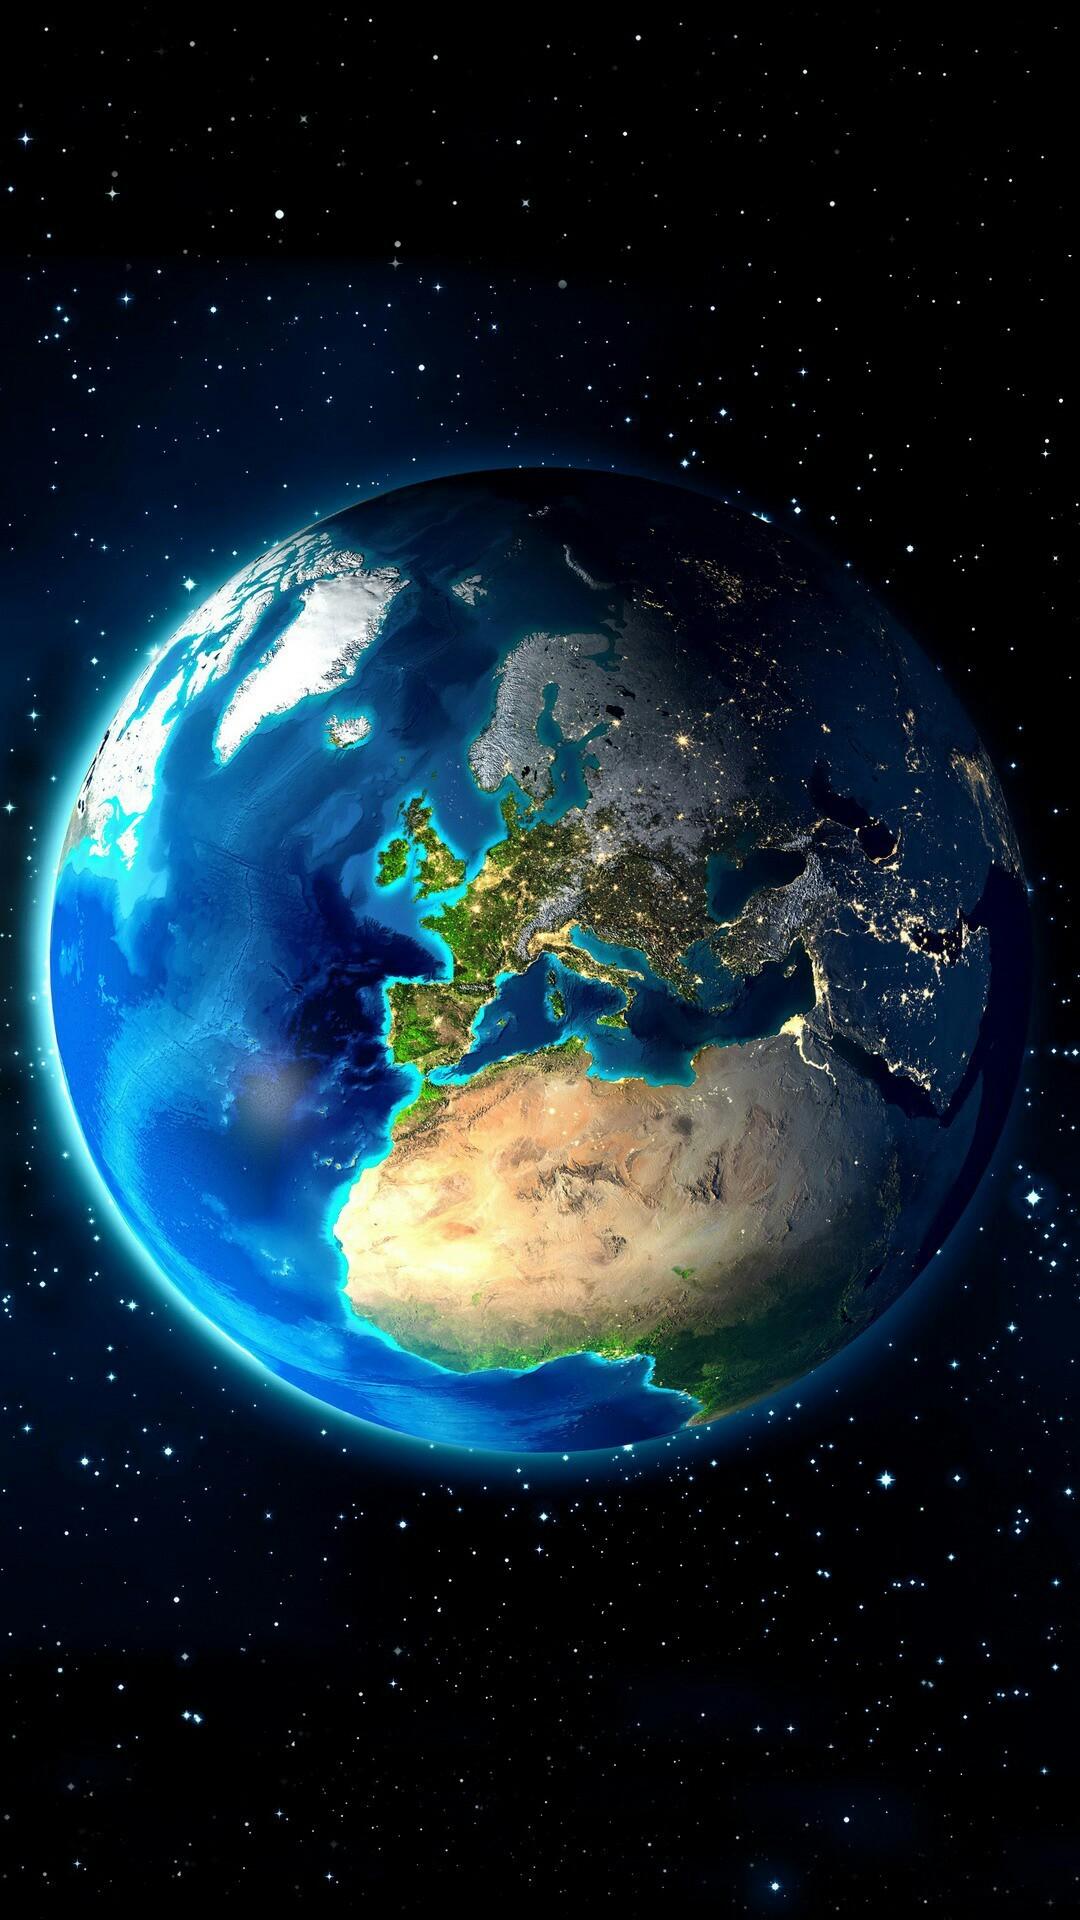 Earth Wallpaper for